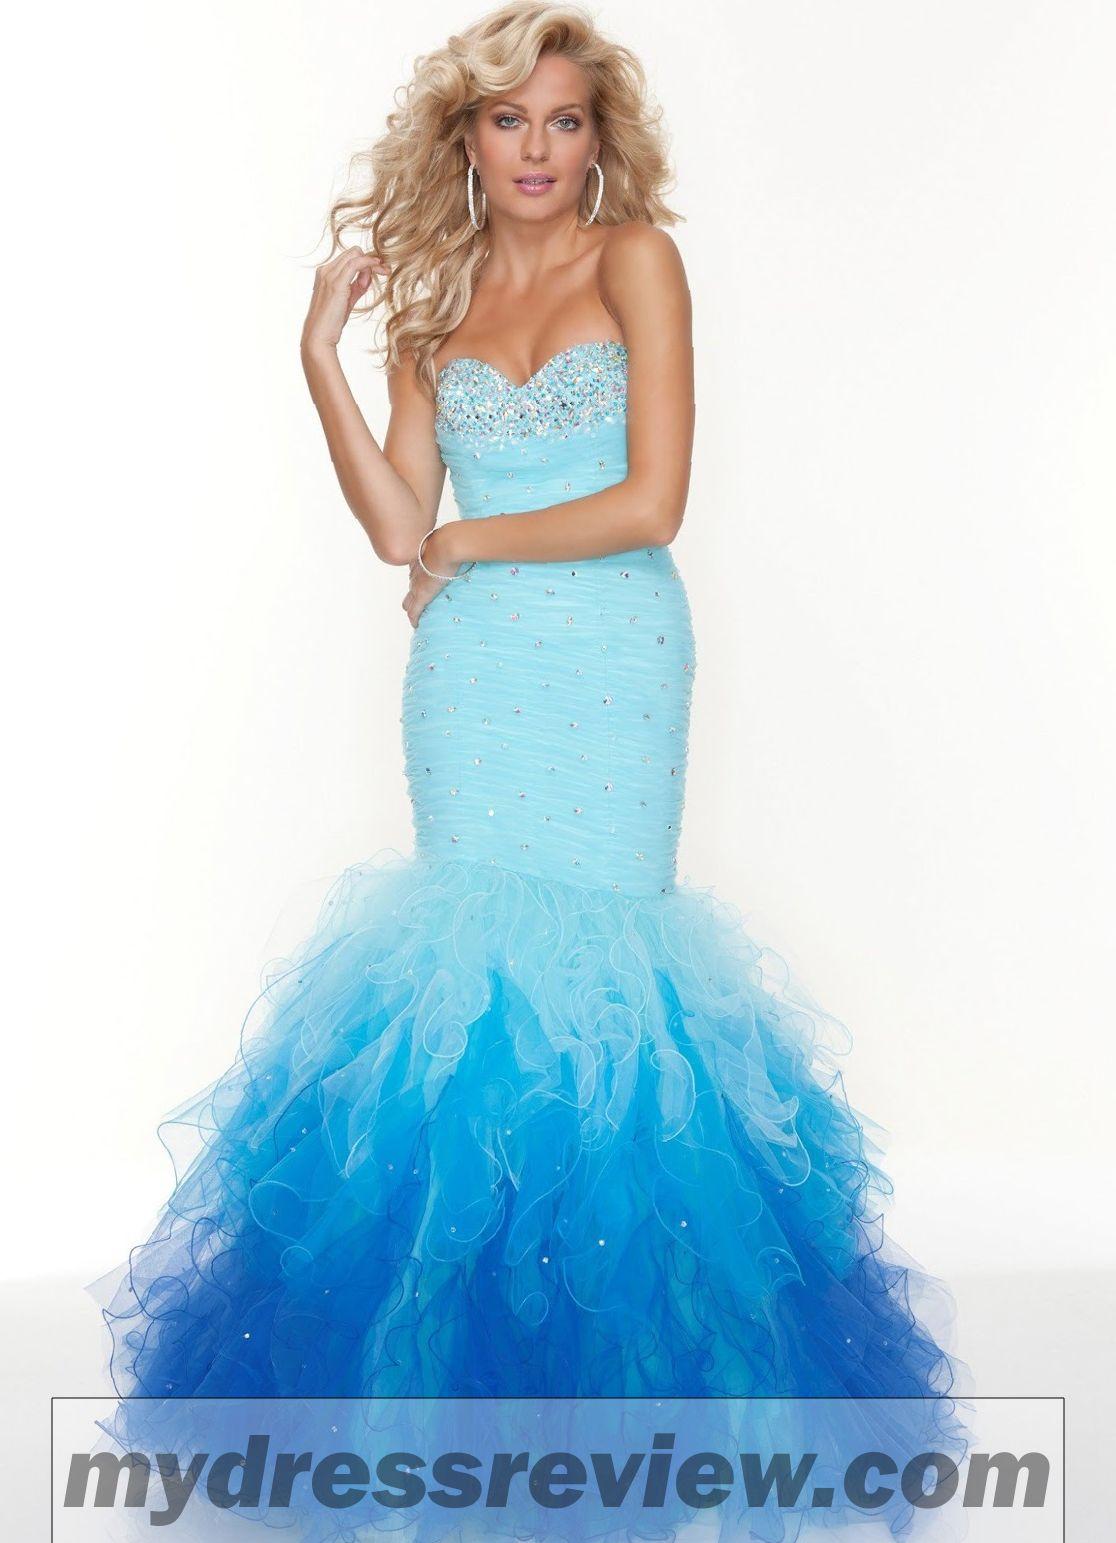 Prom dresses for petite figures uk - Fashion dresses